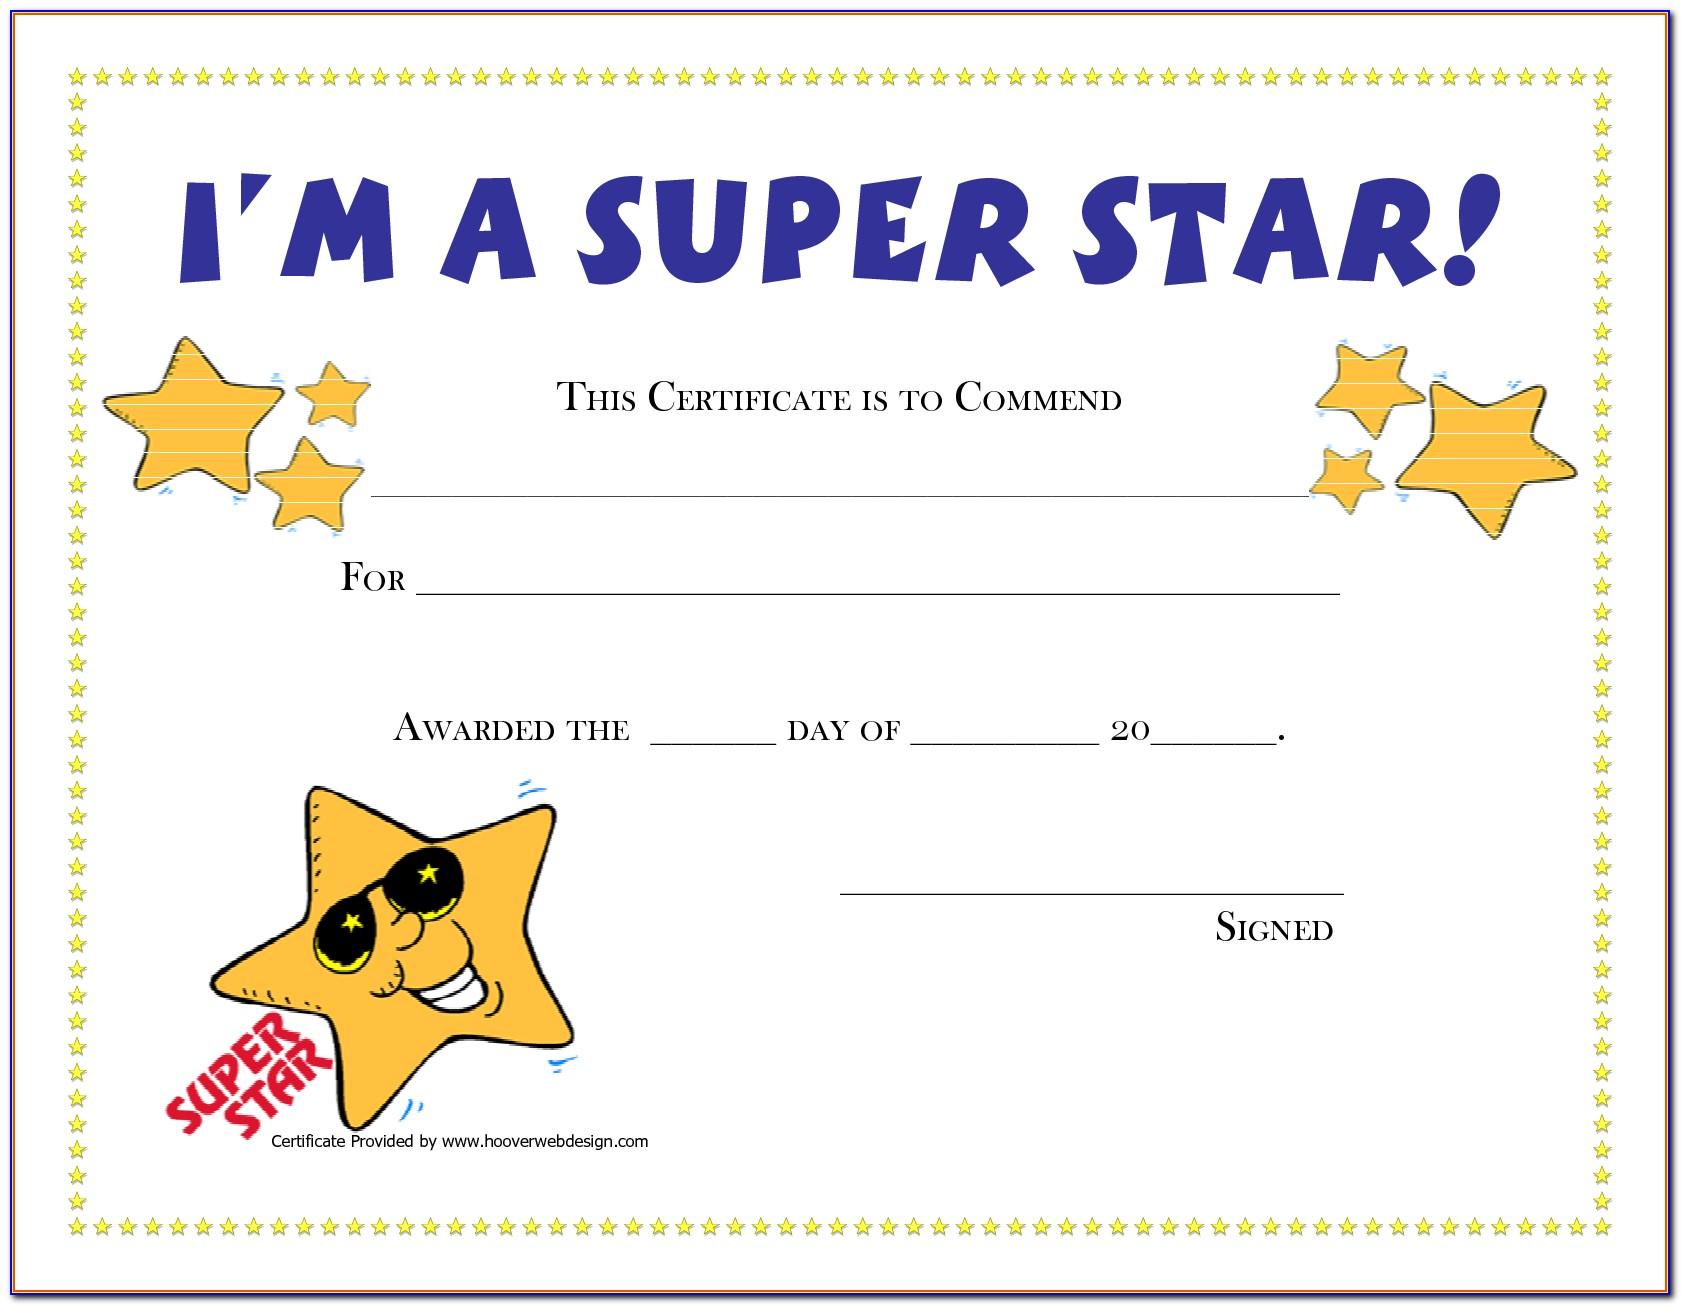 Certificate Of Award Printable